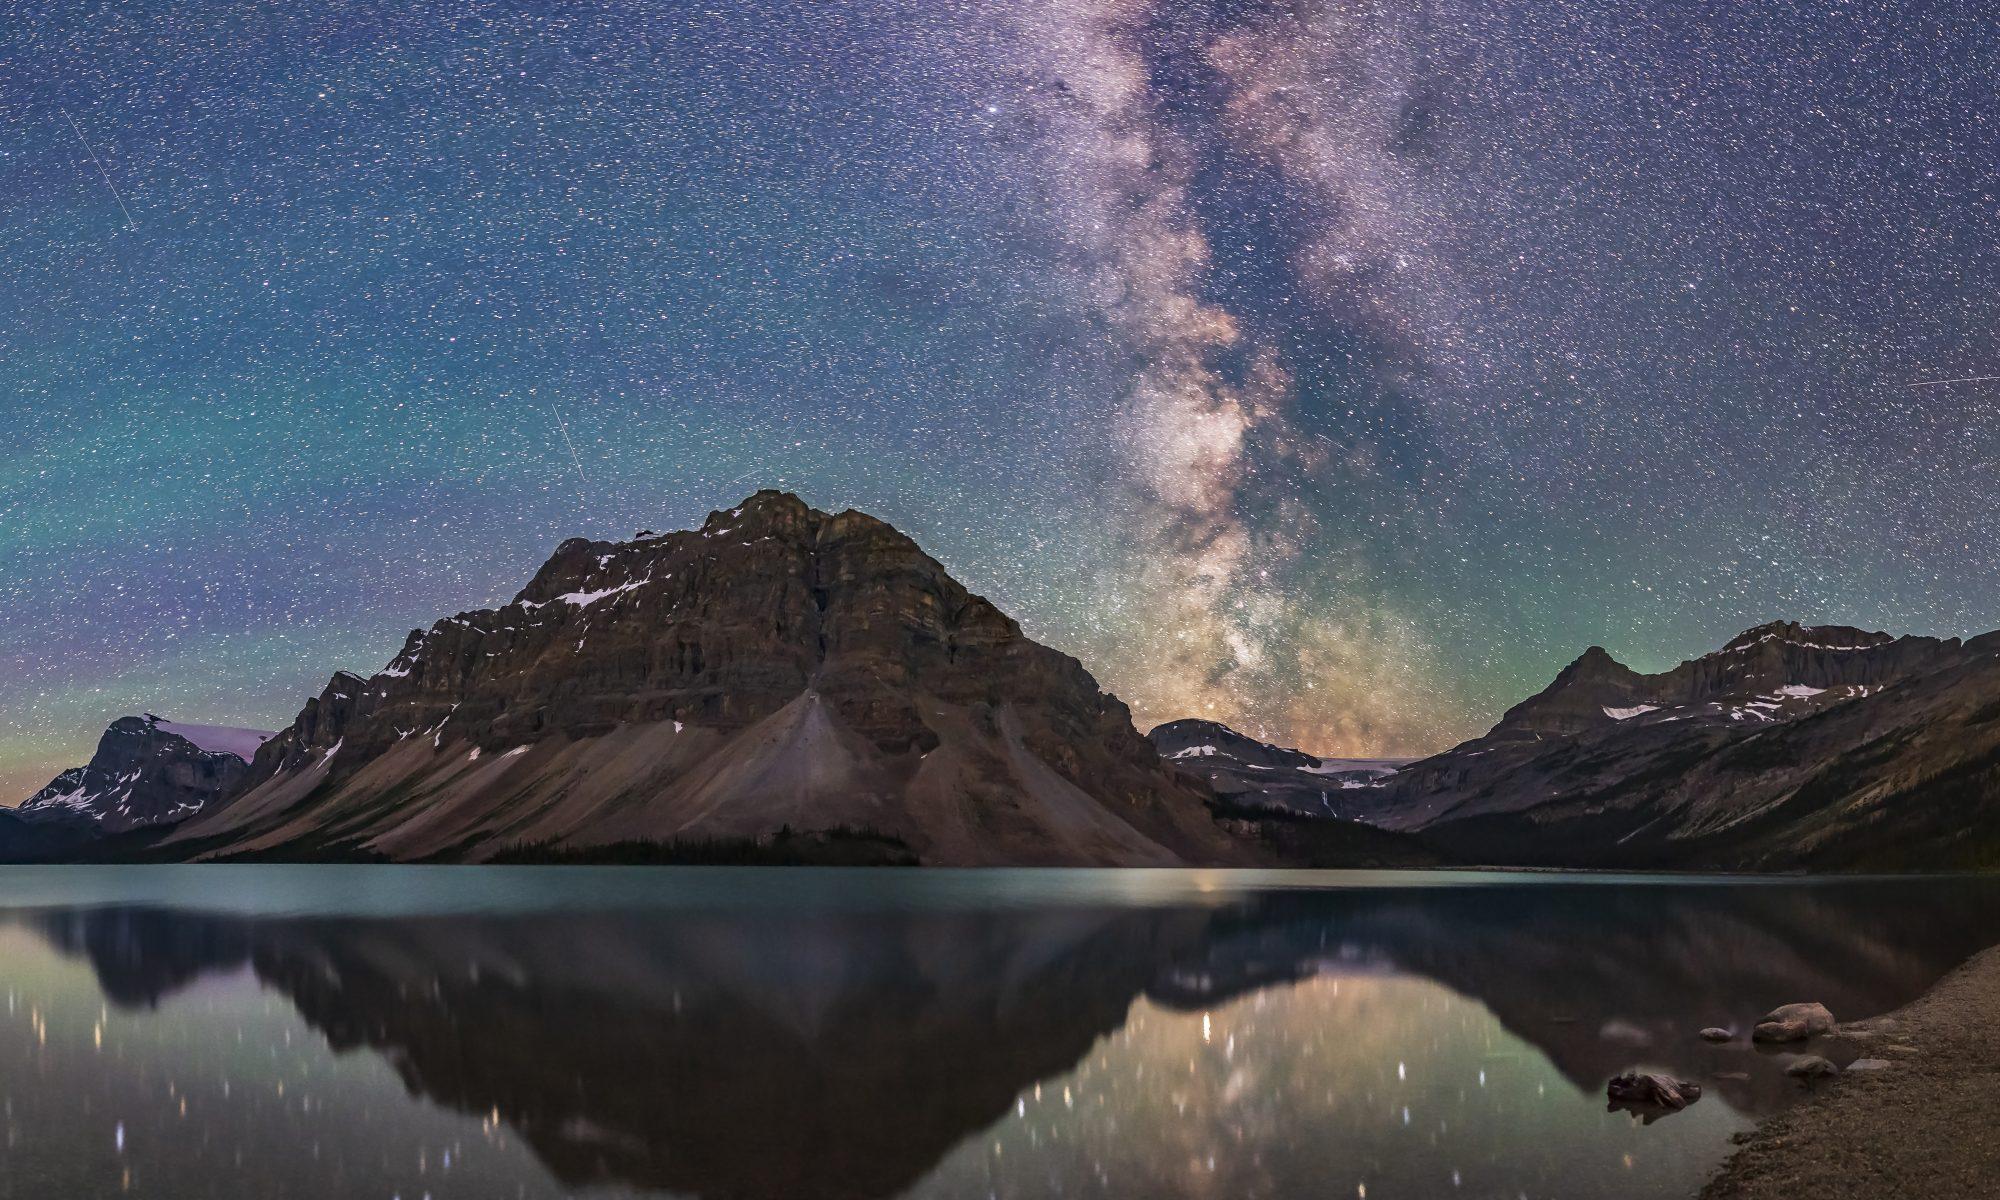 The Amazing Sky